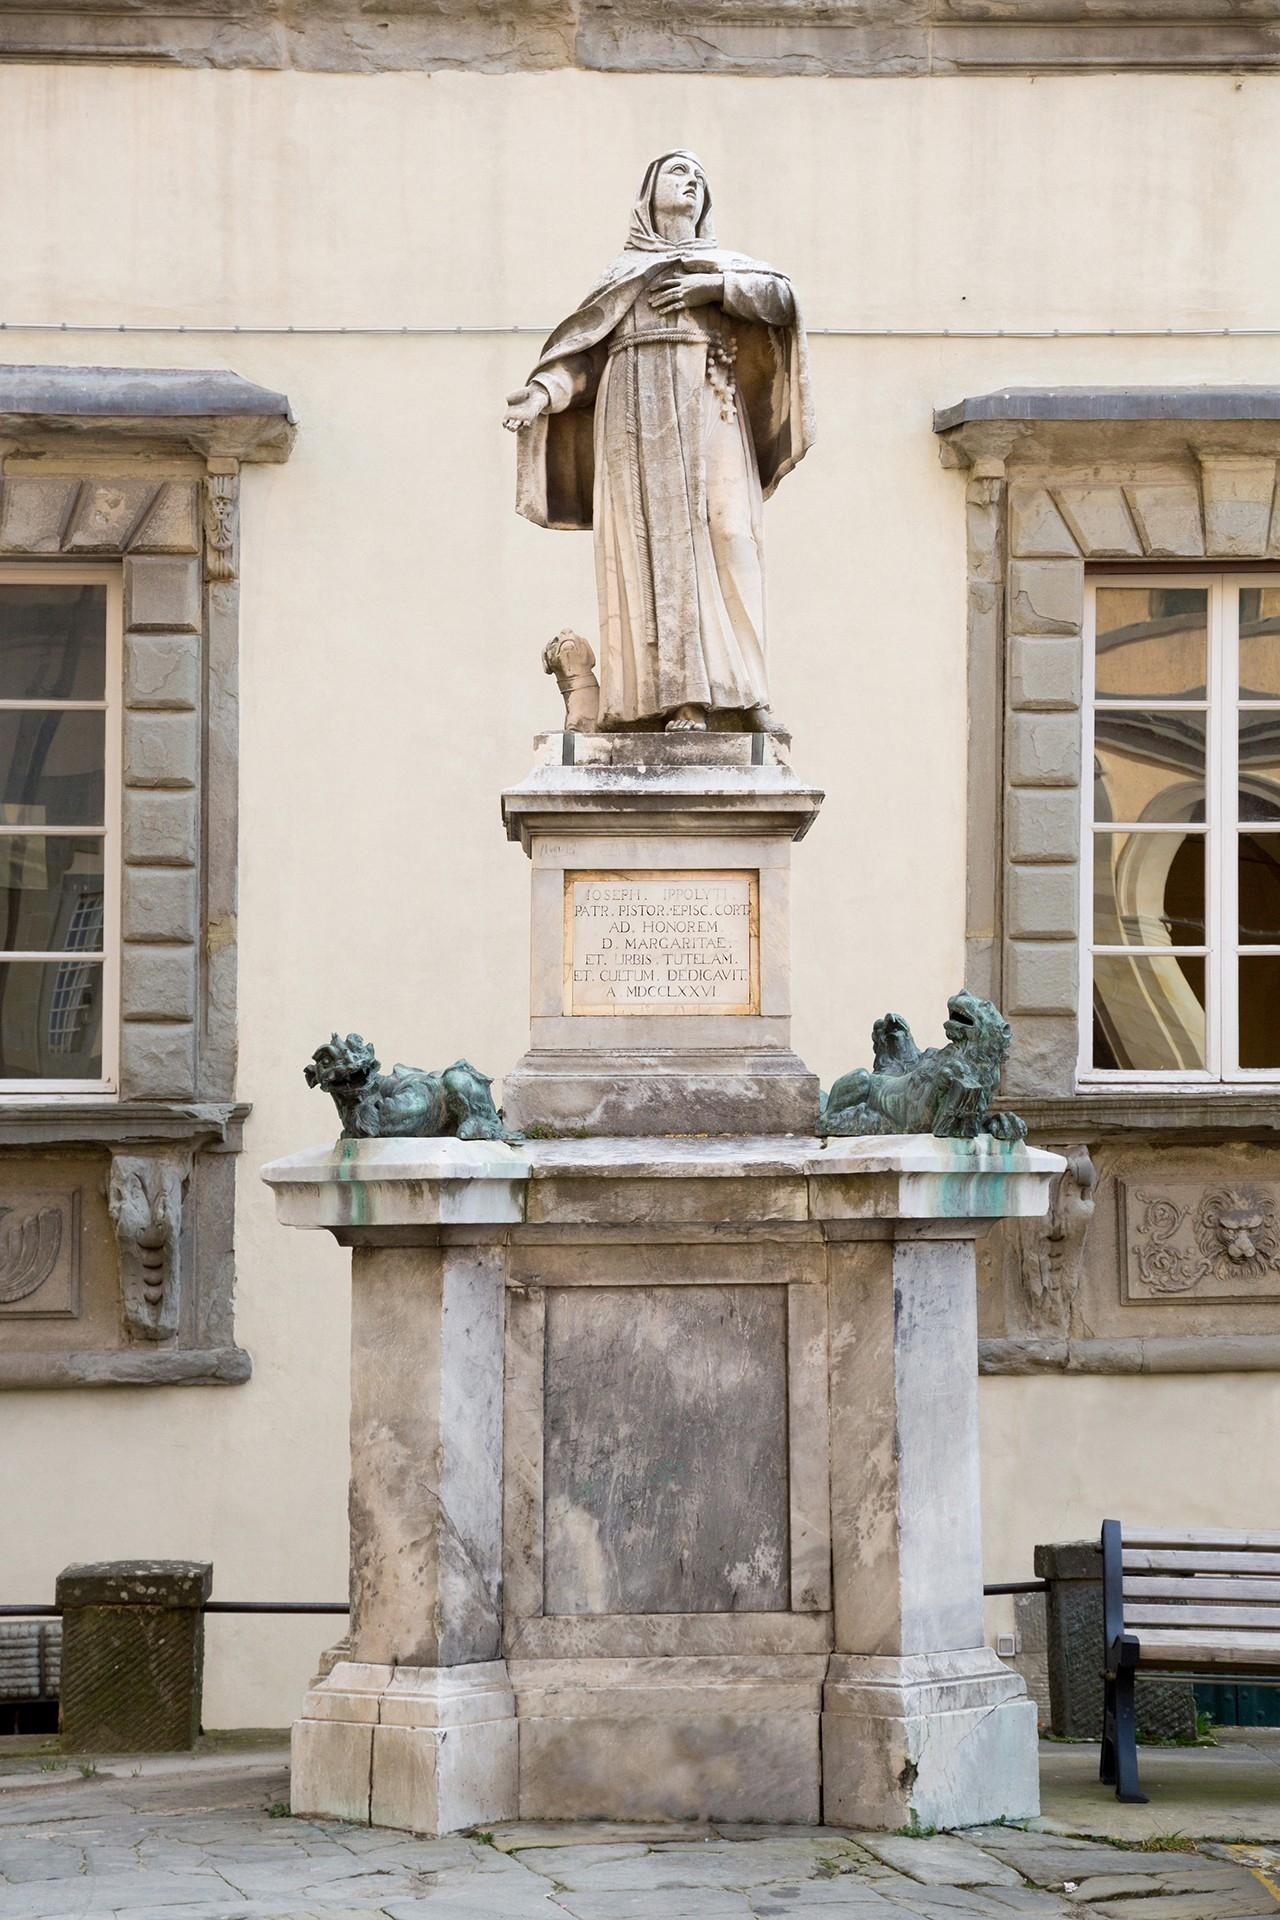 La Statua di Santa Margherita 'restituita' a Cortona